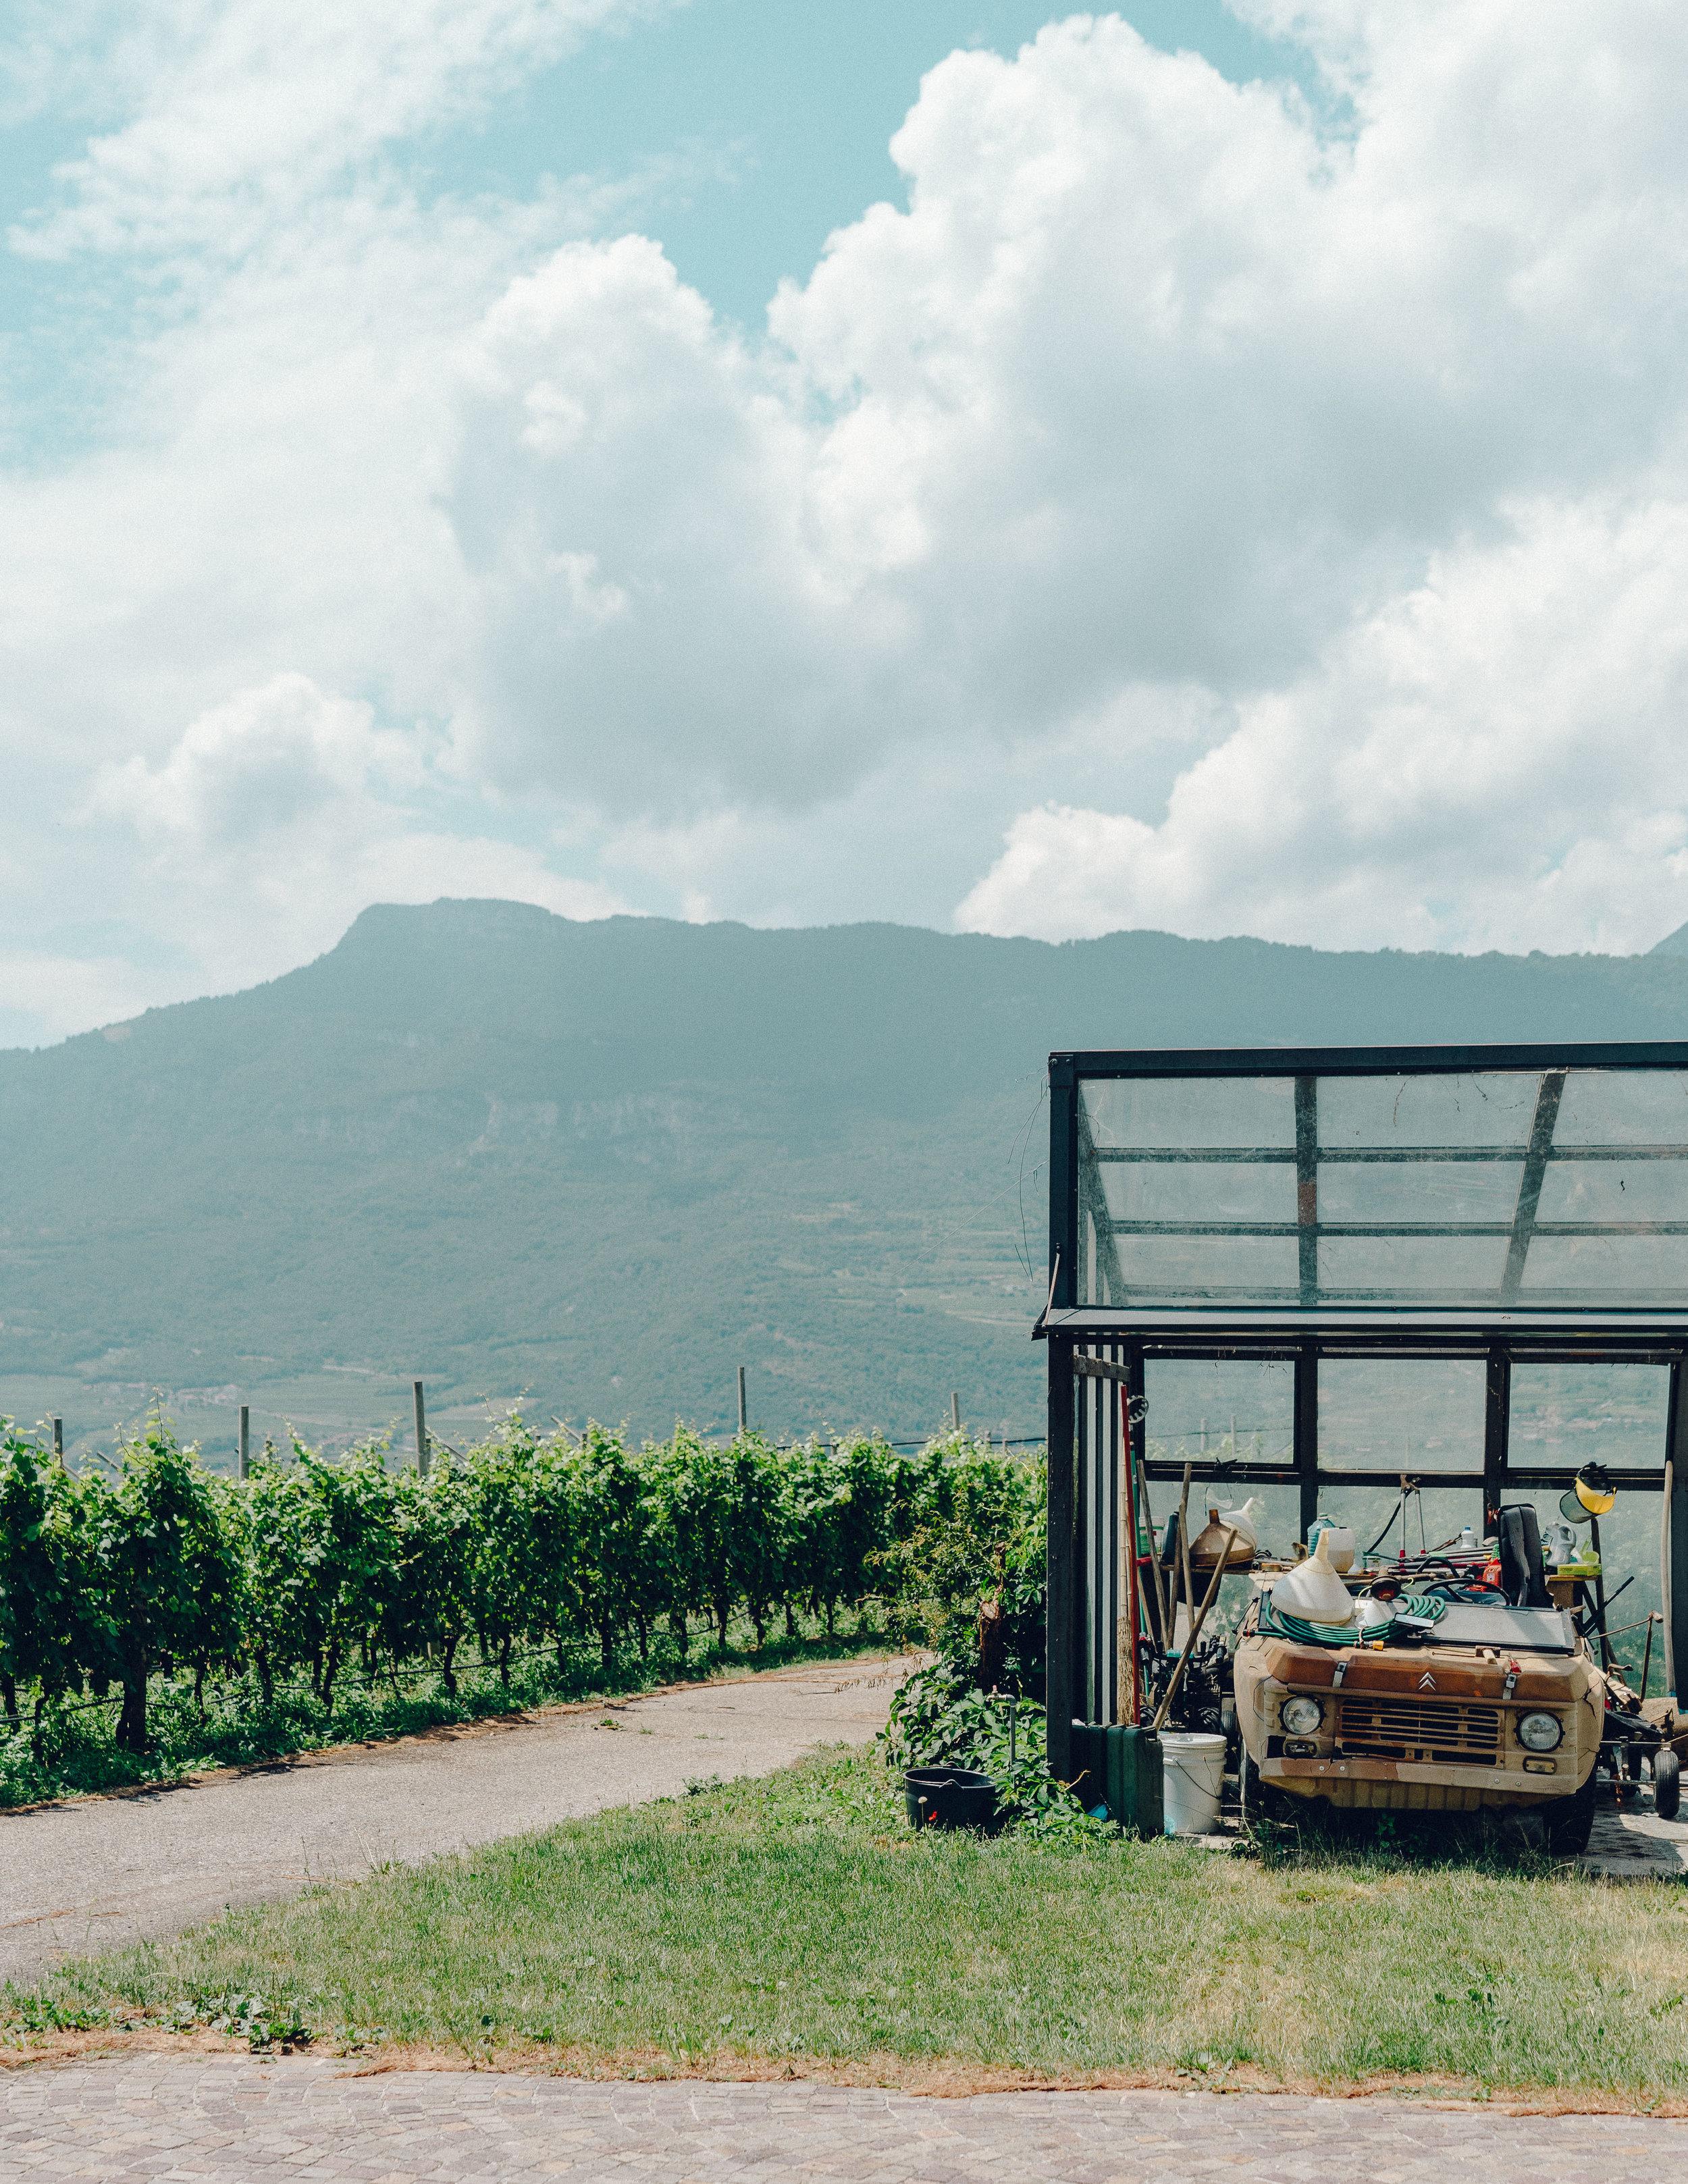 ASROSENVINGE_Roadtrip_Italy_Dolomites_Trentino_Rovereto_Elisabetta_Dalzocchio-06644.jpg